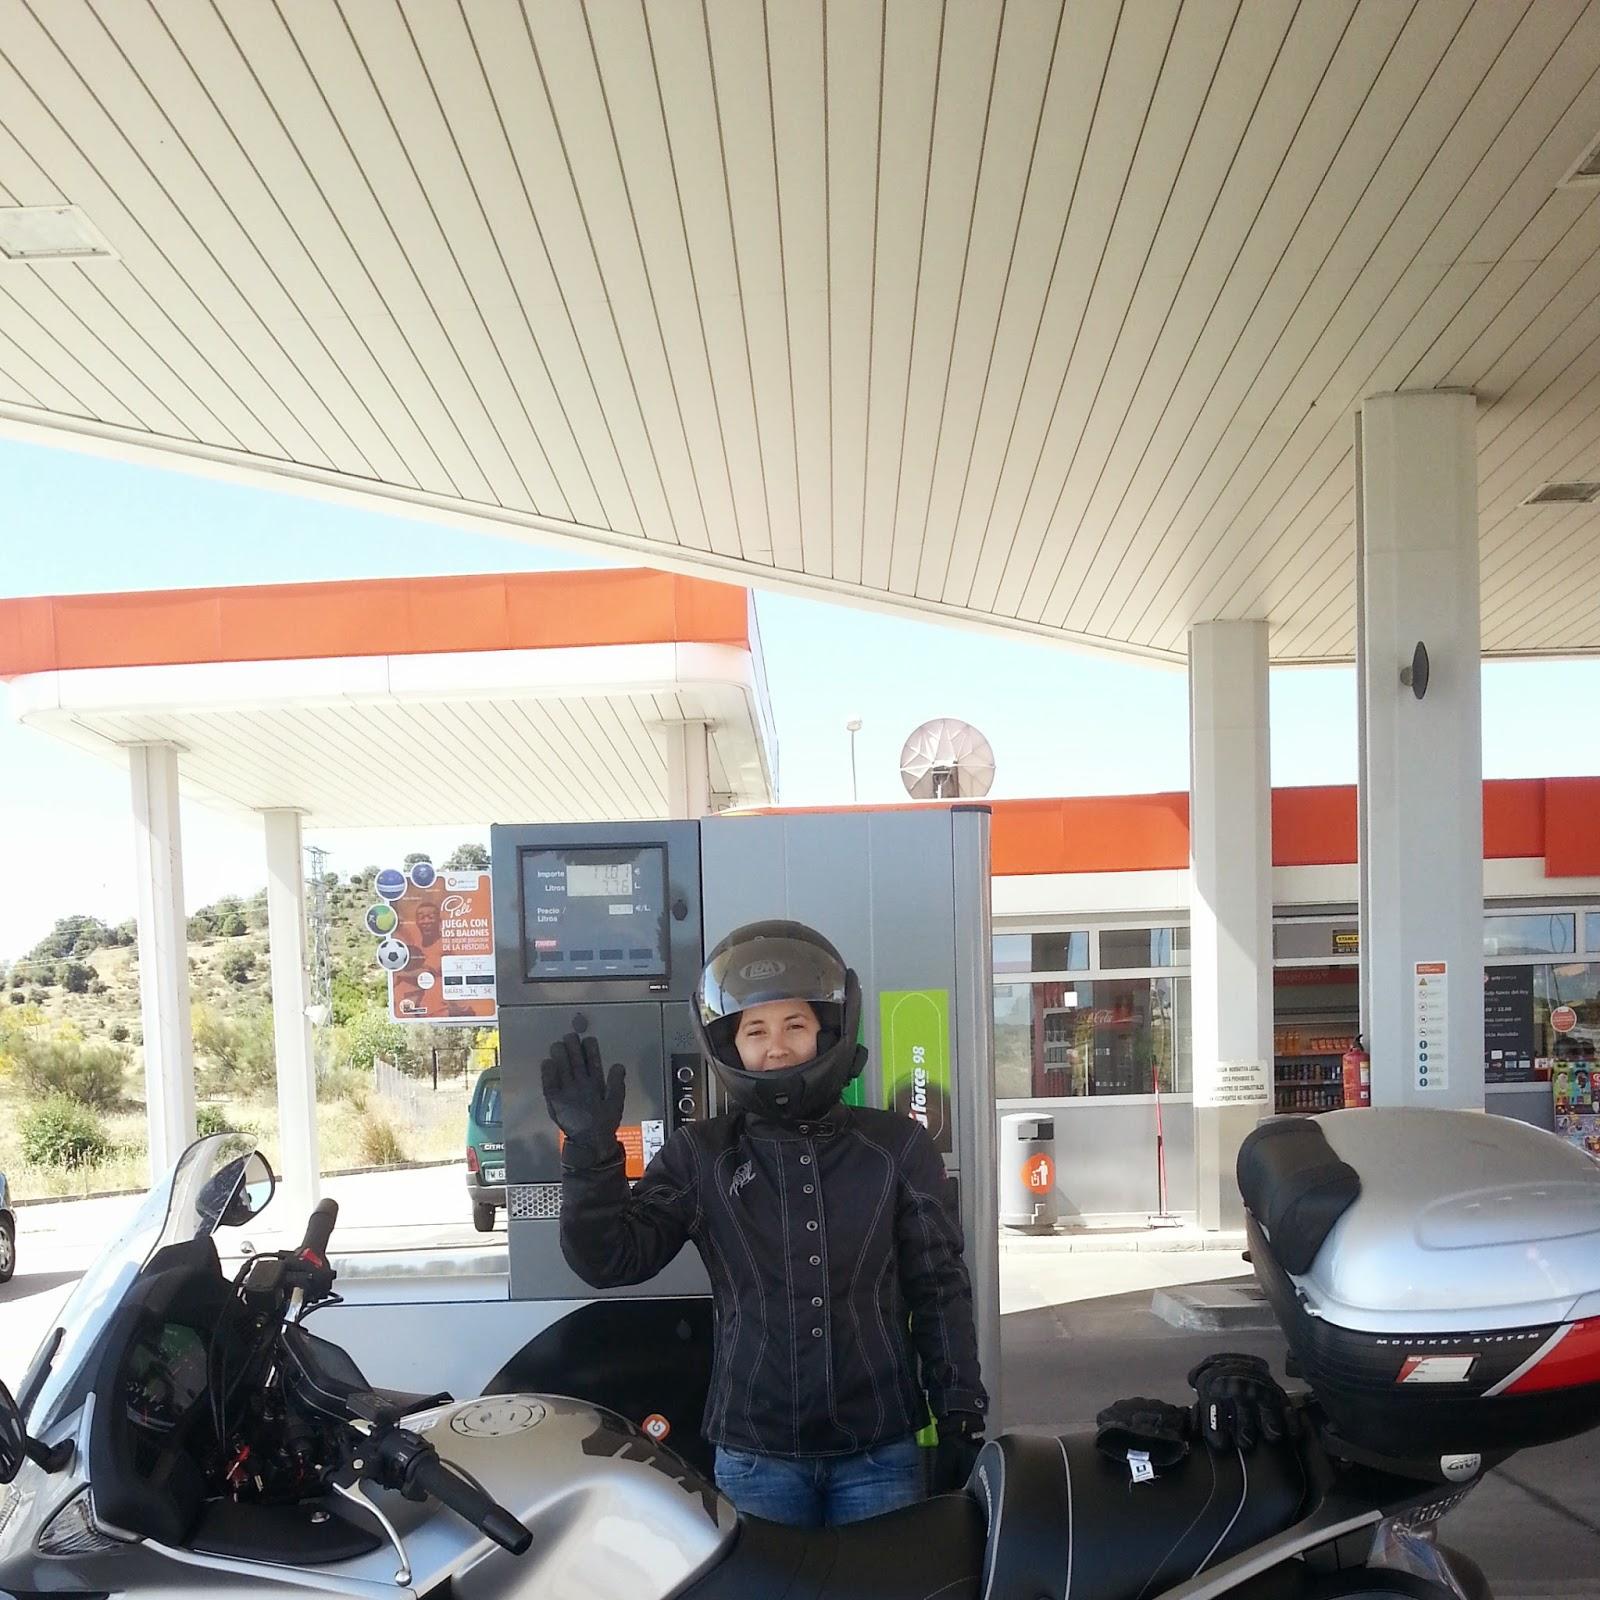 RUTA EN MOTO 126 Km SANTA MARIA DE LA ALAMEDA